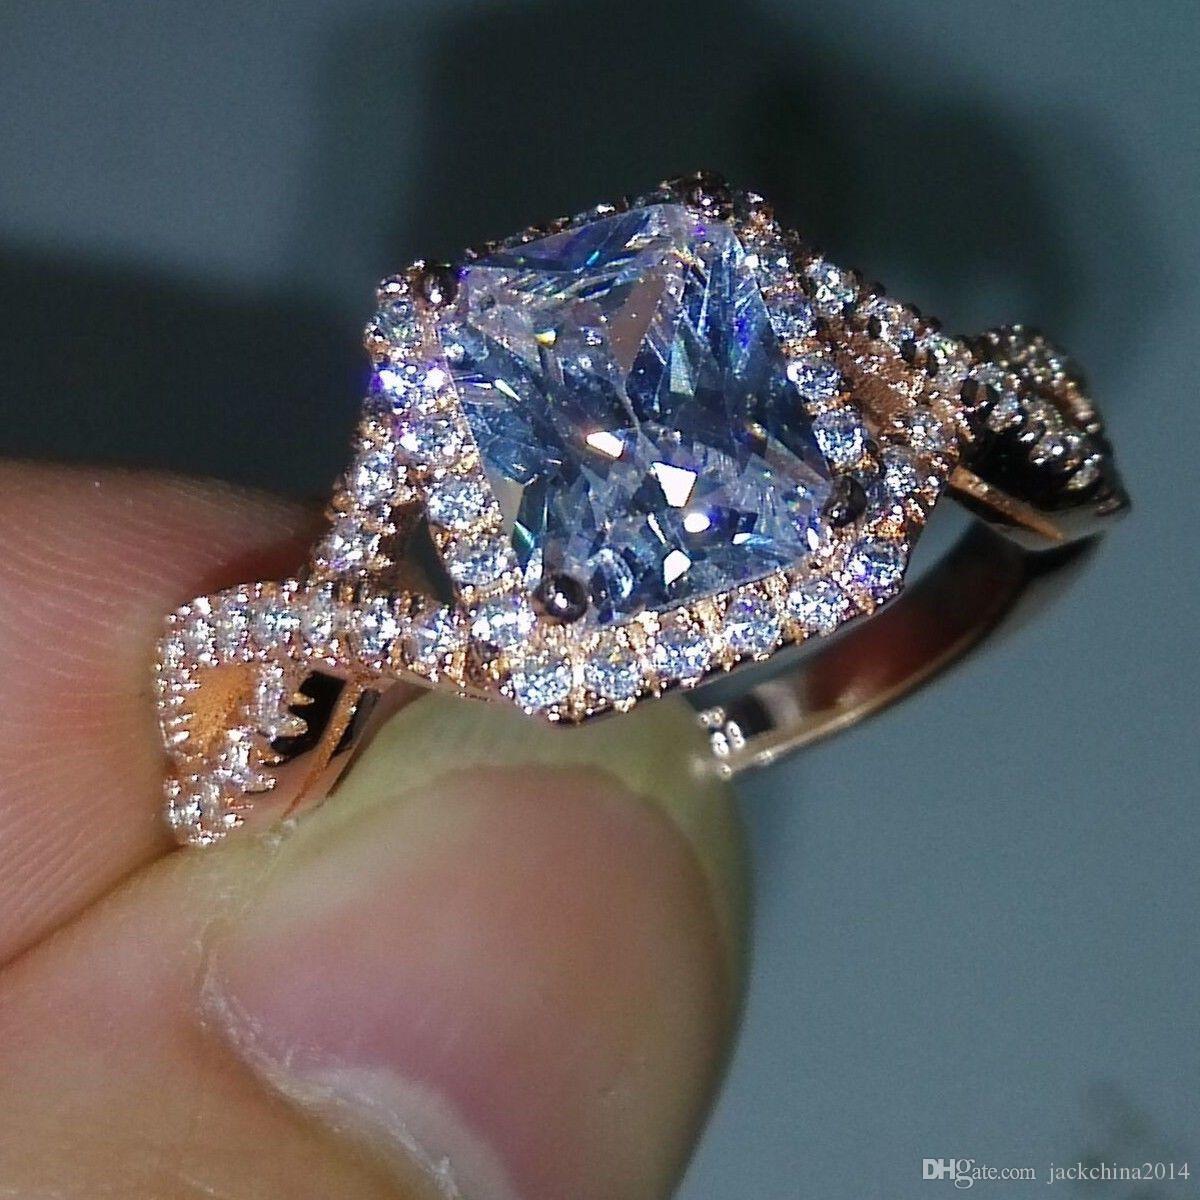 Großhandel Luxuxschmucksachen 925 Sterlingsilber Rose Vergoldet Prinzessin White Topaz CZ Diamant-Hochzeit Engagment Frauen-Band-Ring-Größe 5-11